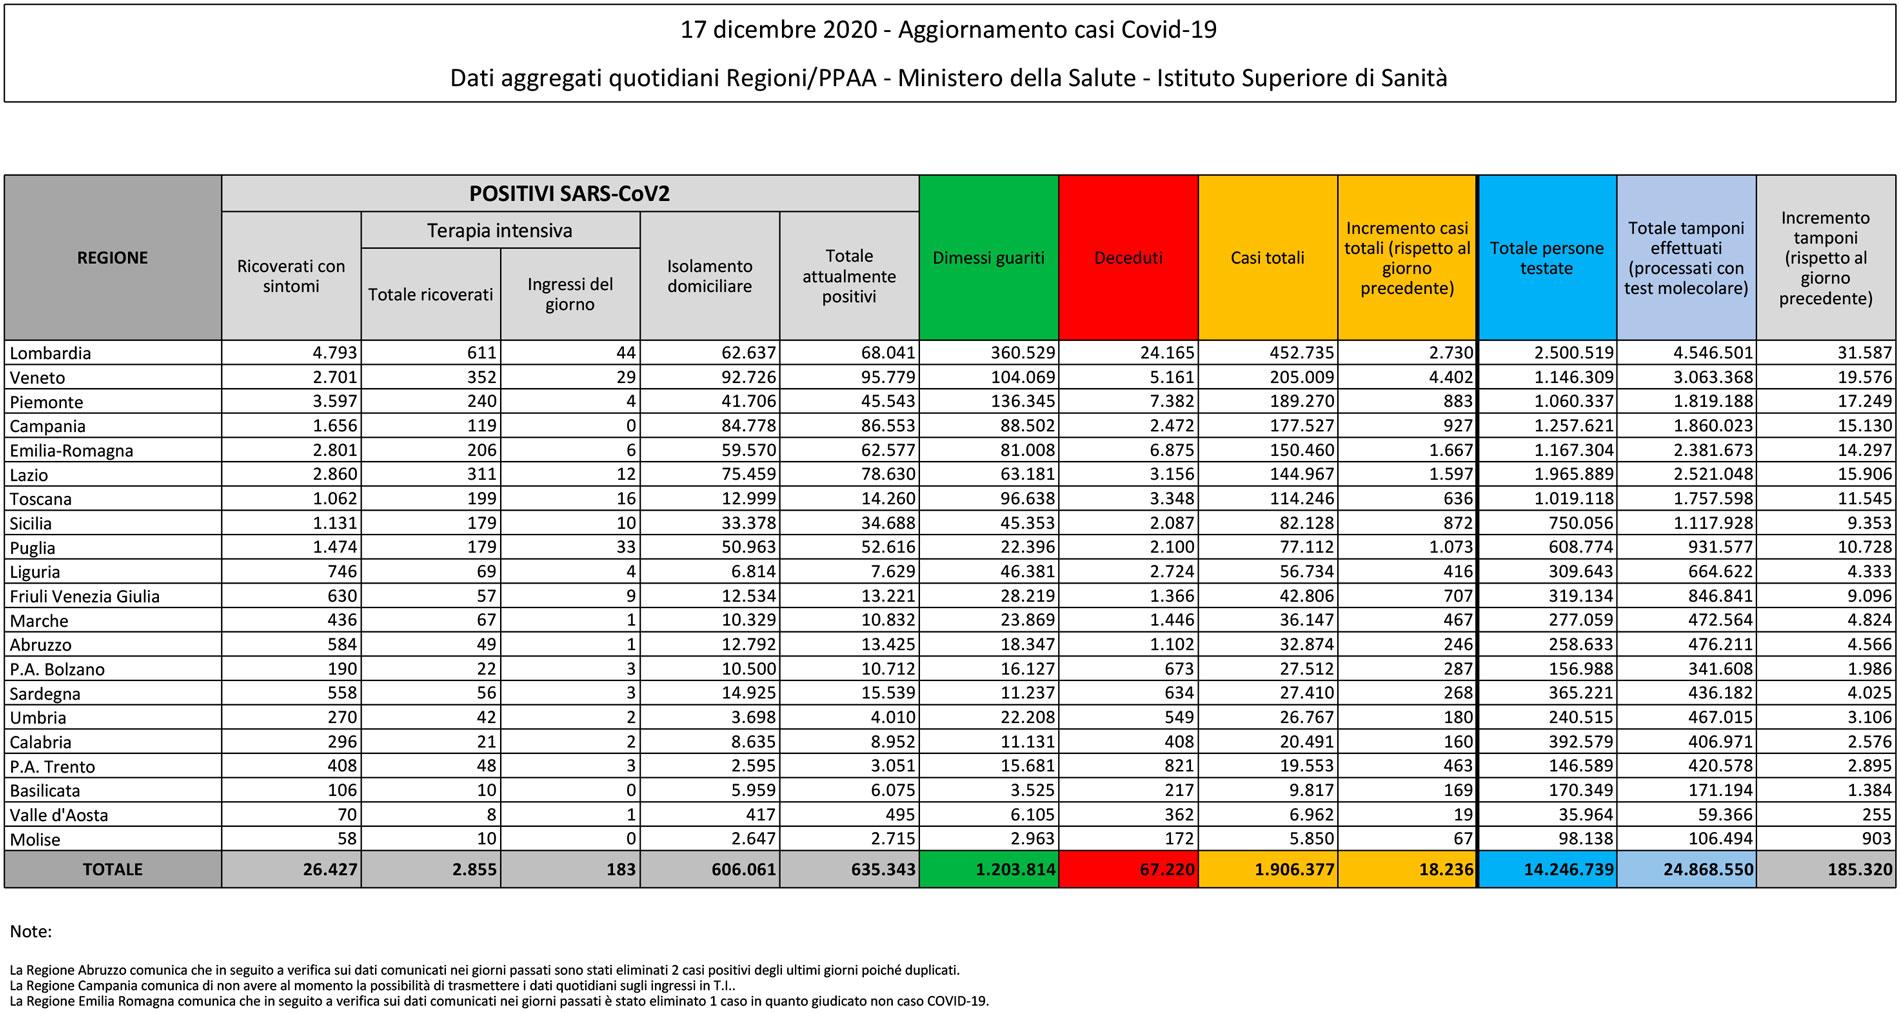 tabella del bollettino del 17 dicembre 2020 contenente i dati sul coronavirus (o covid) in italia